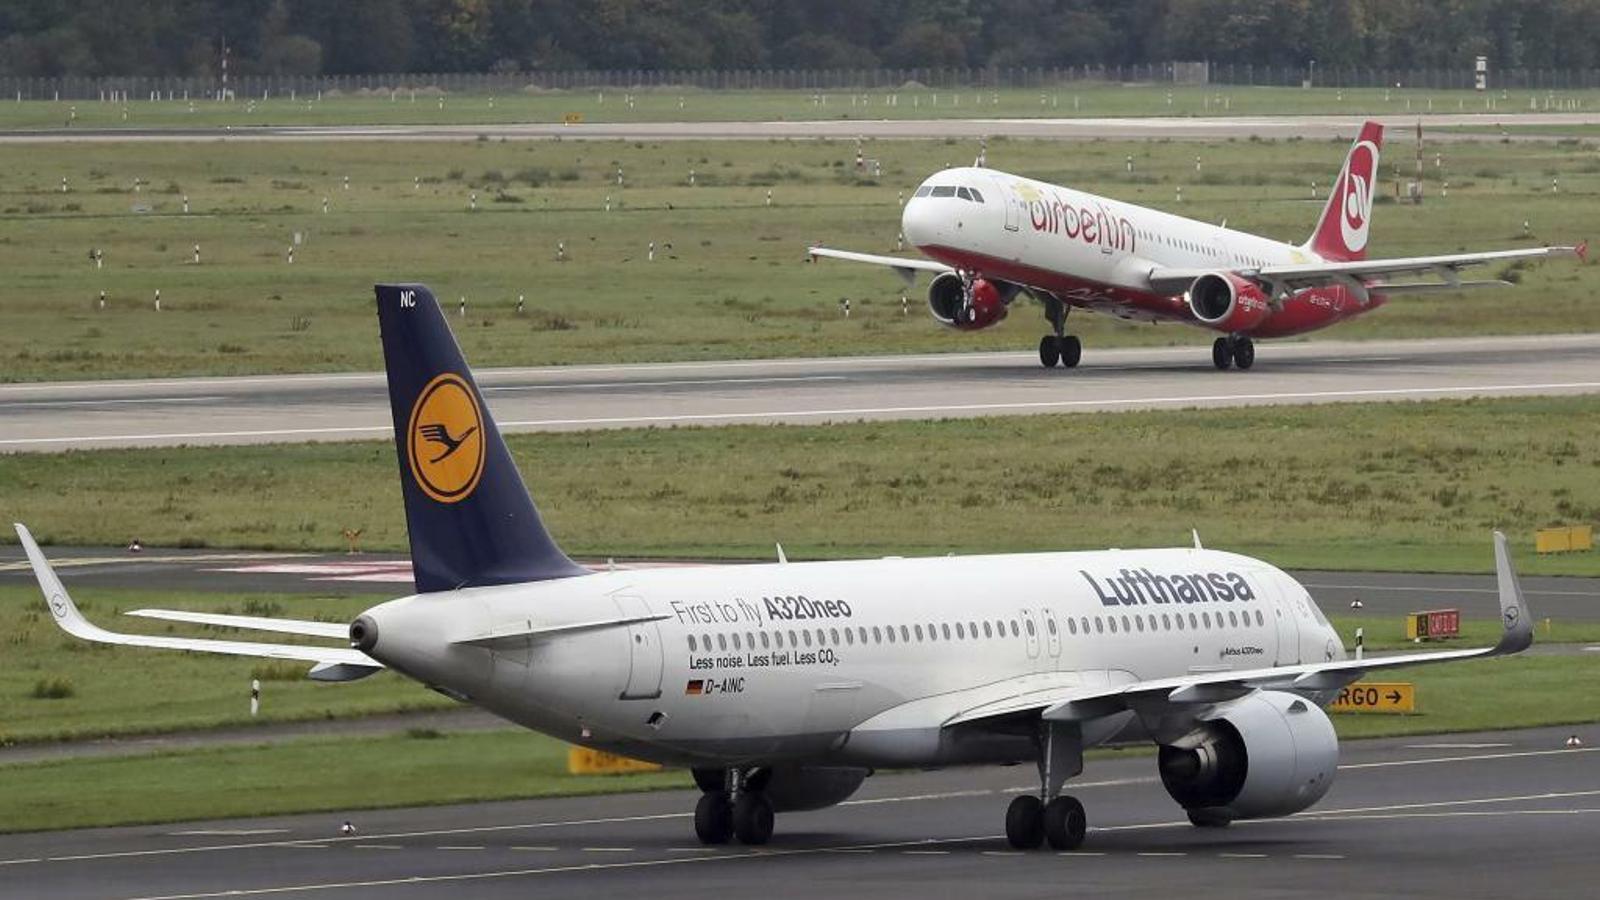 Les aerolínies tradicionals recuperen terreny davant les low-cost